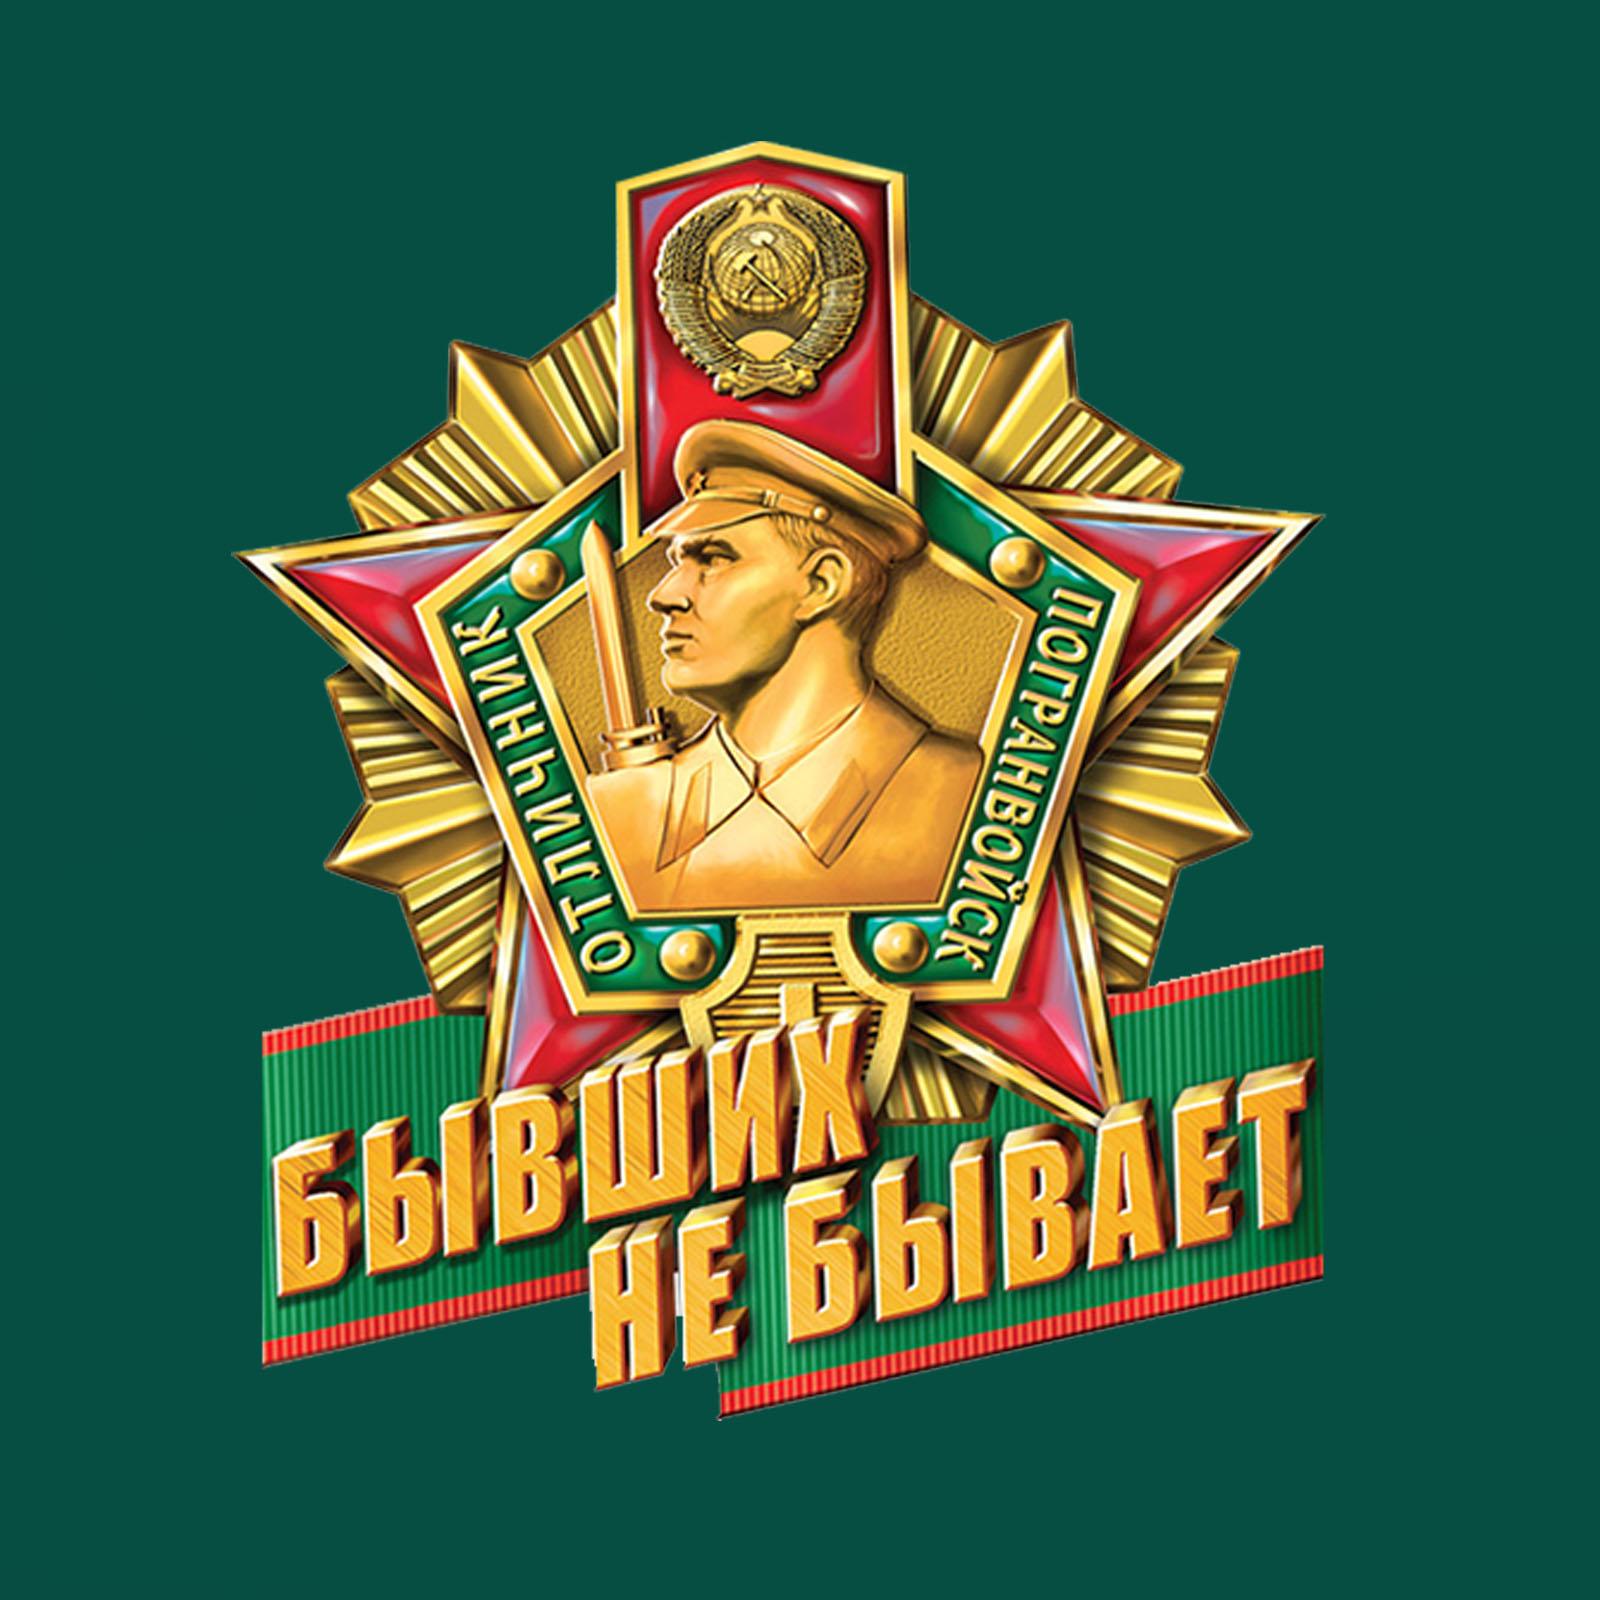 """Мужская зелёная футболка с термотрансфером """"Бывших пограничников не бывает"""""""